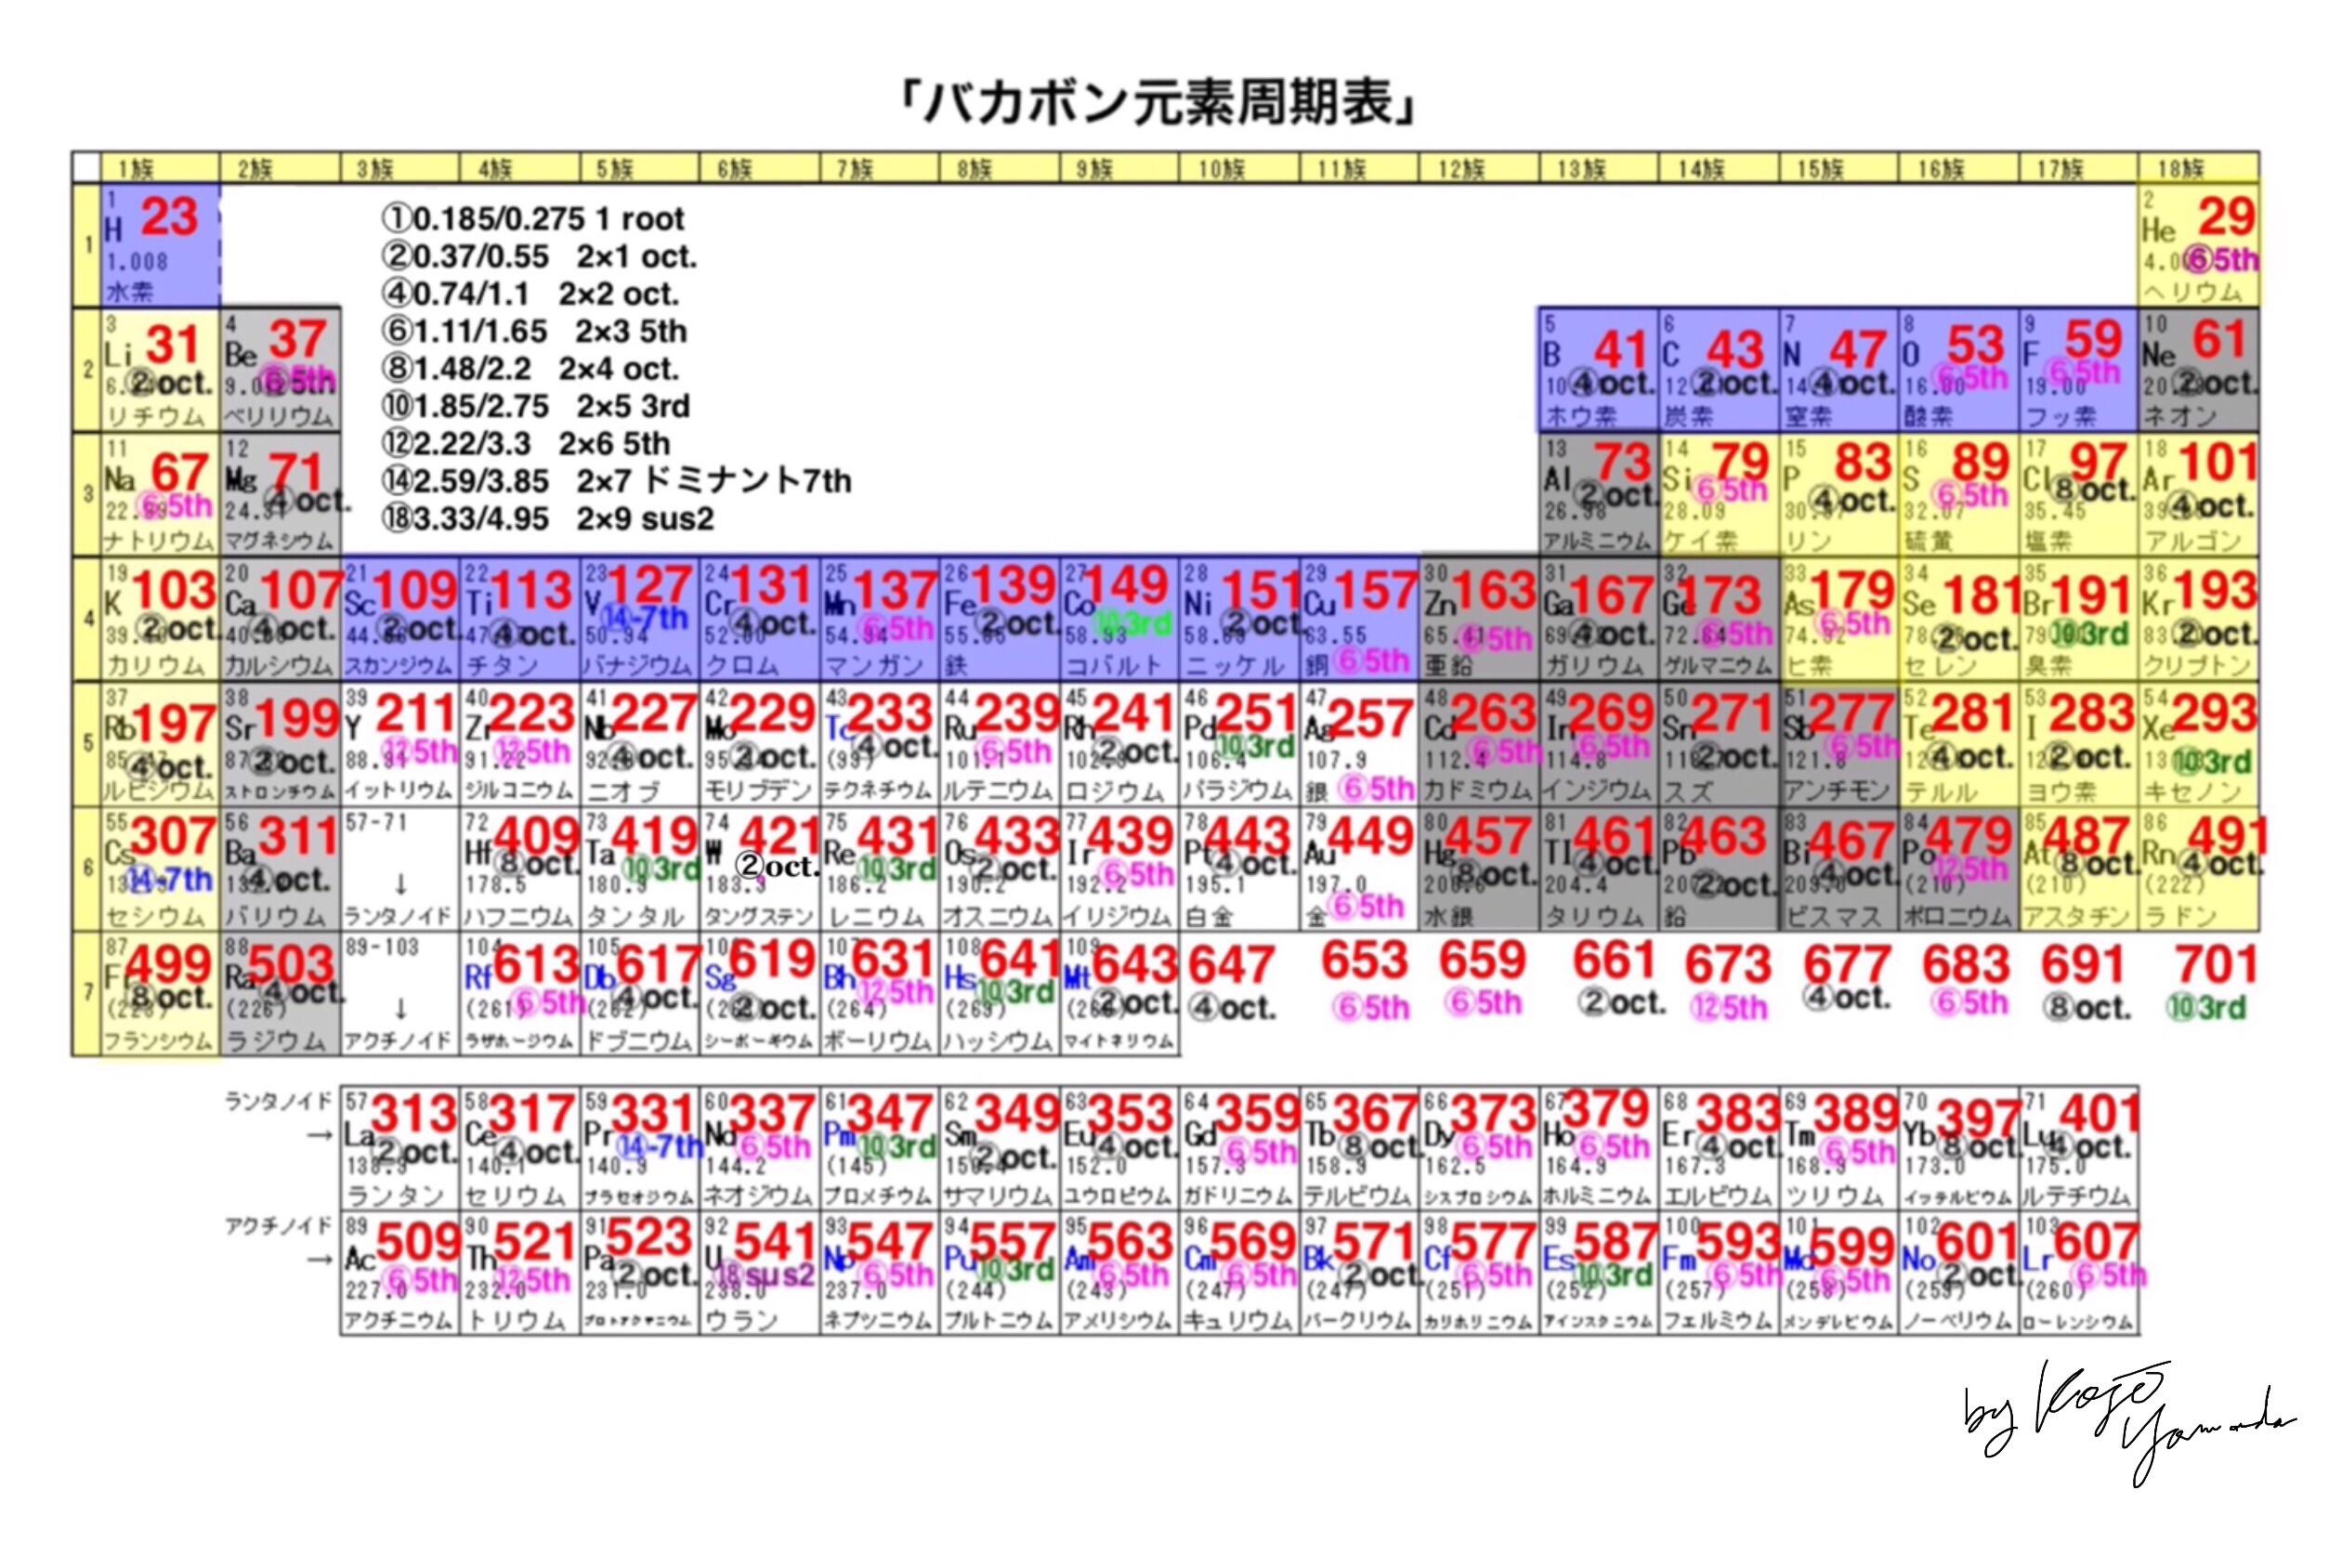 図_バカボン元素周期表